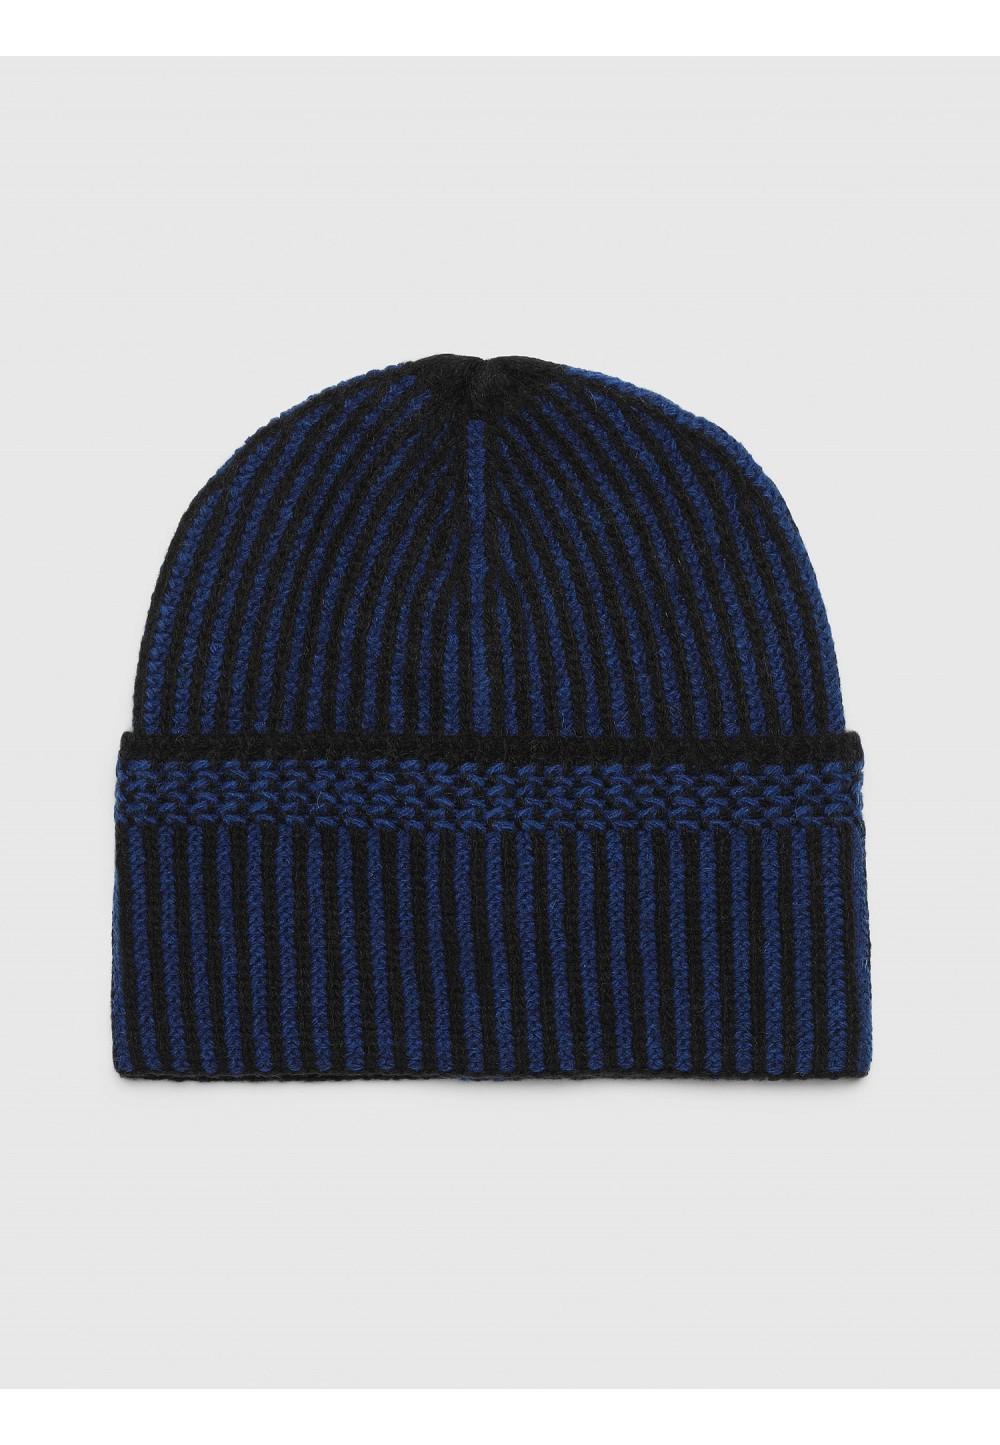 Вязаная шапка с полосатым узором